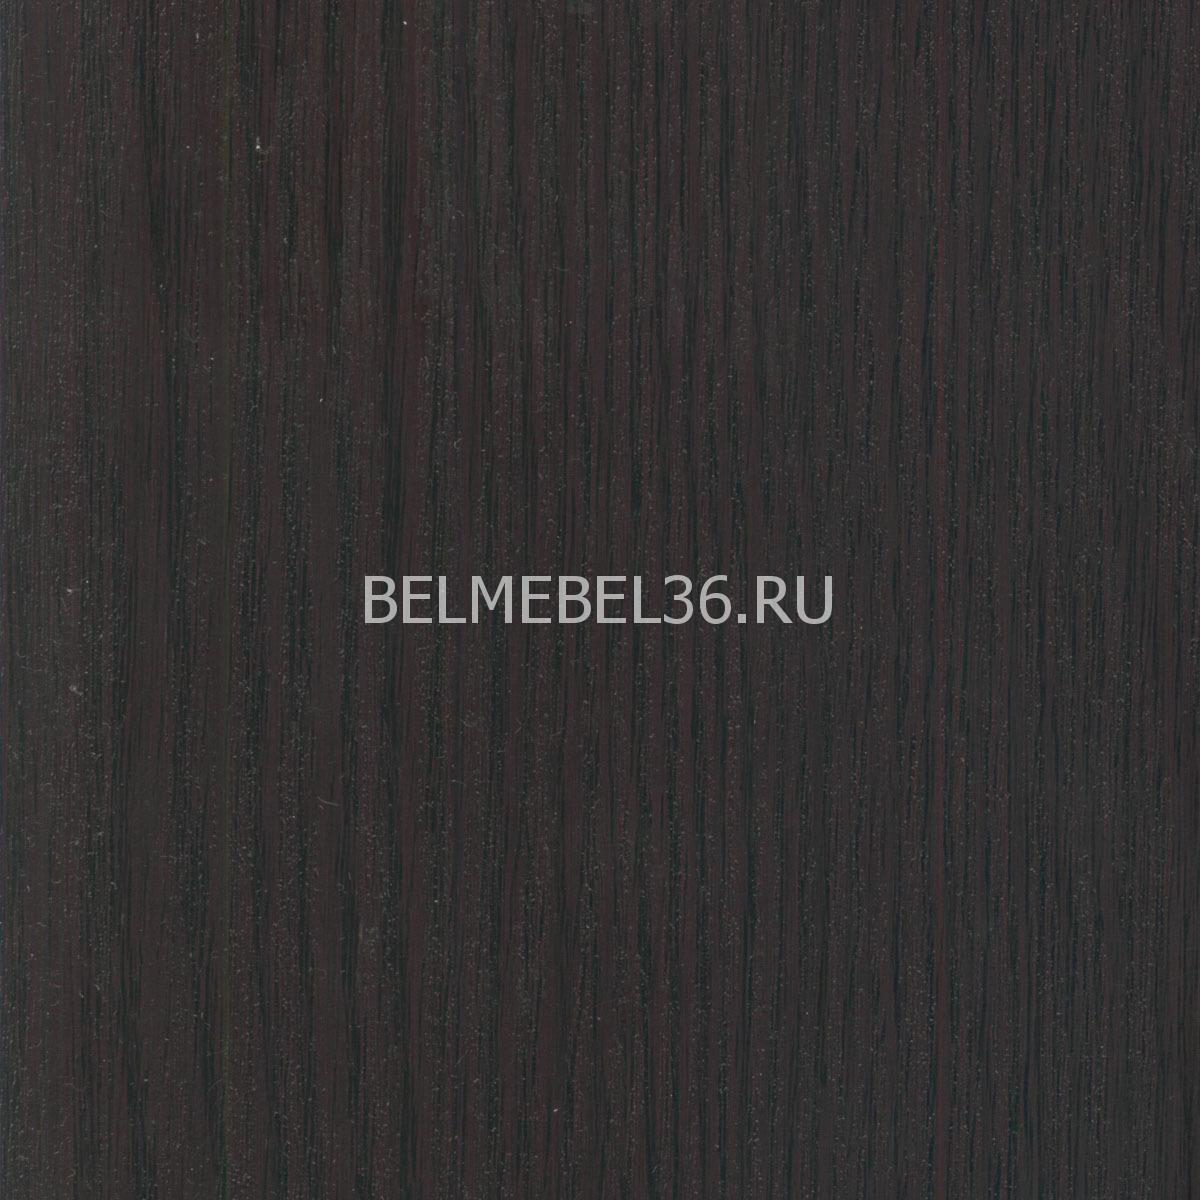 Диван П-икассо (угловой) П-Д094 | Белорусская мебель в Воронеже